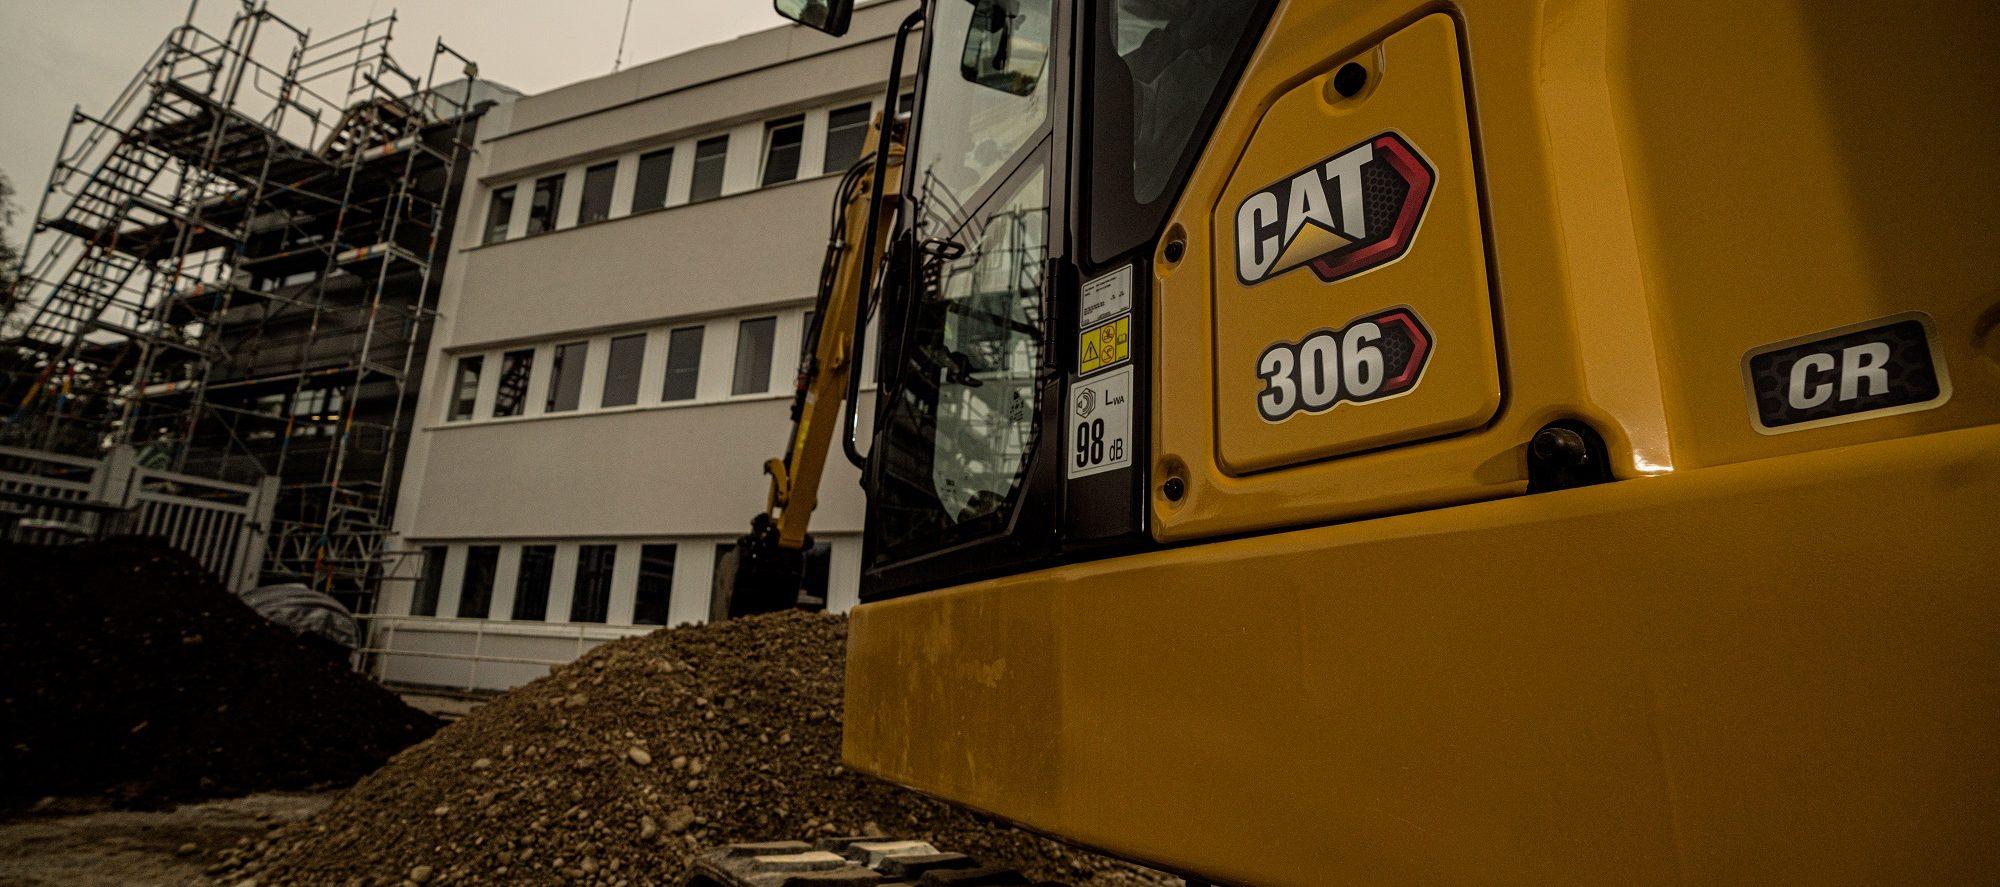 Cat 306 CR